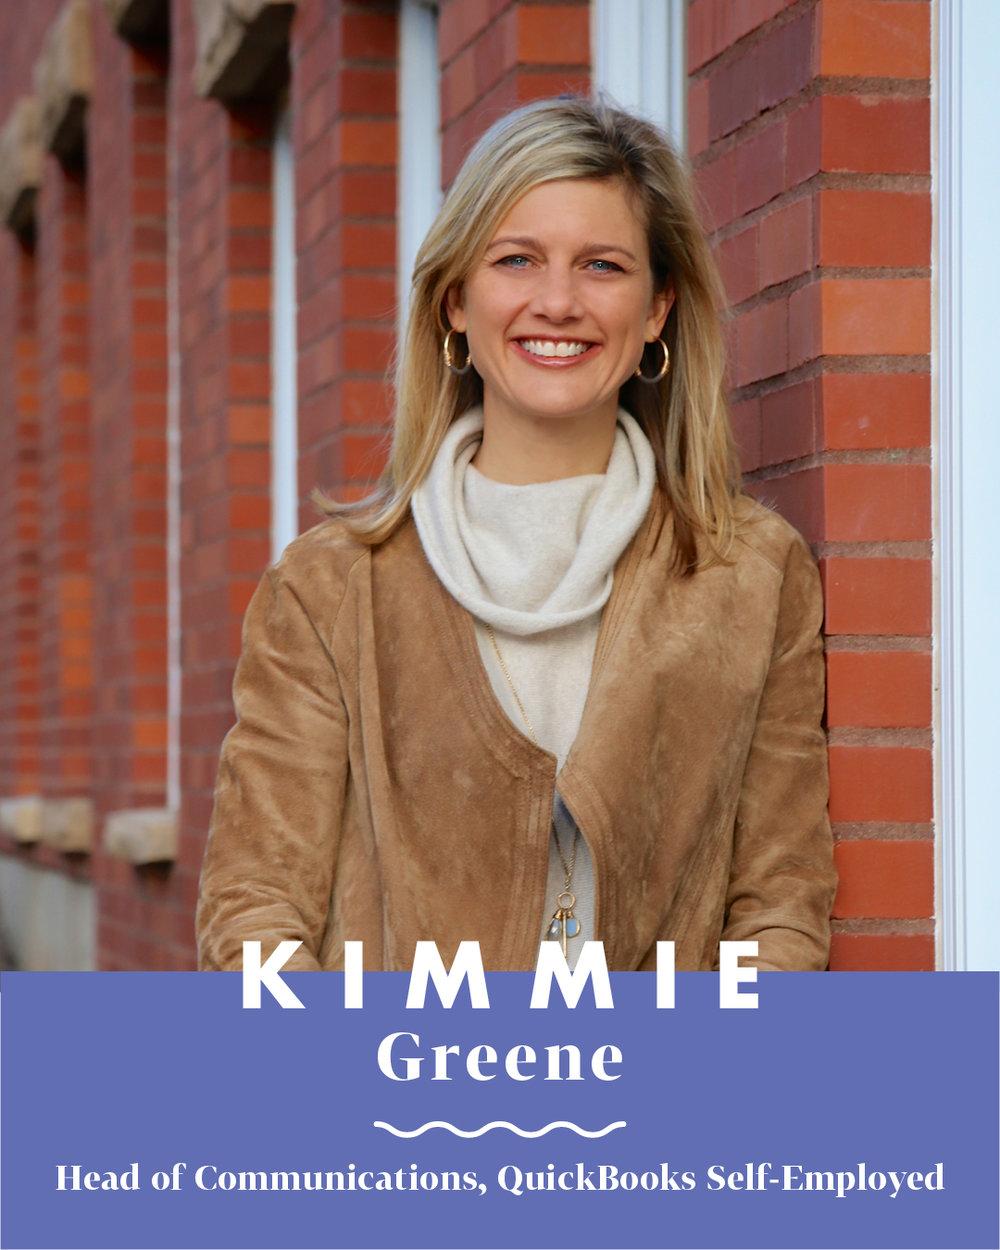 kimmie-greene.jpg